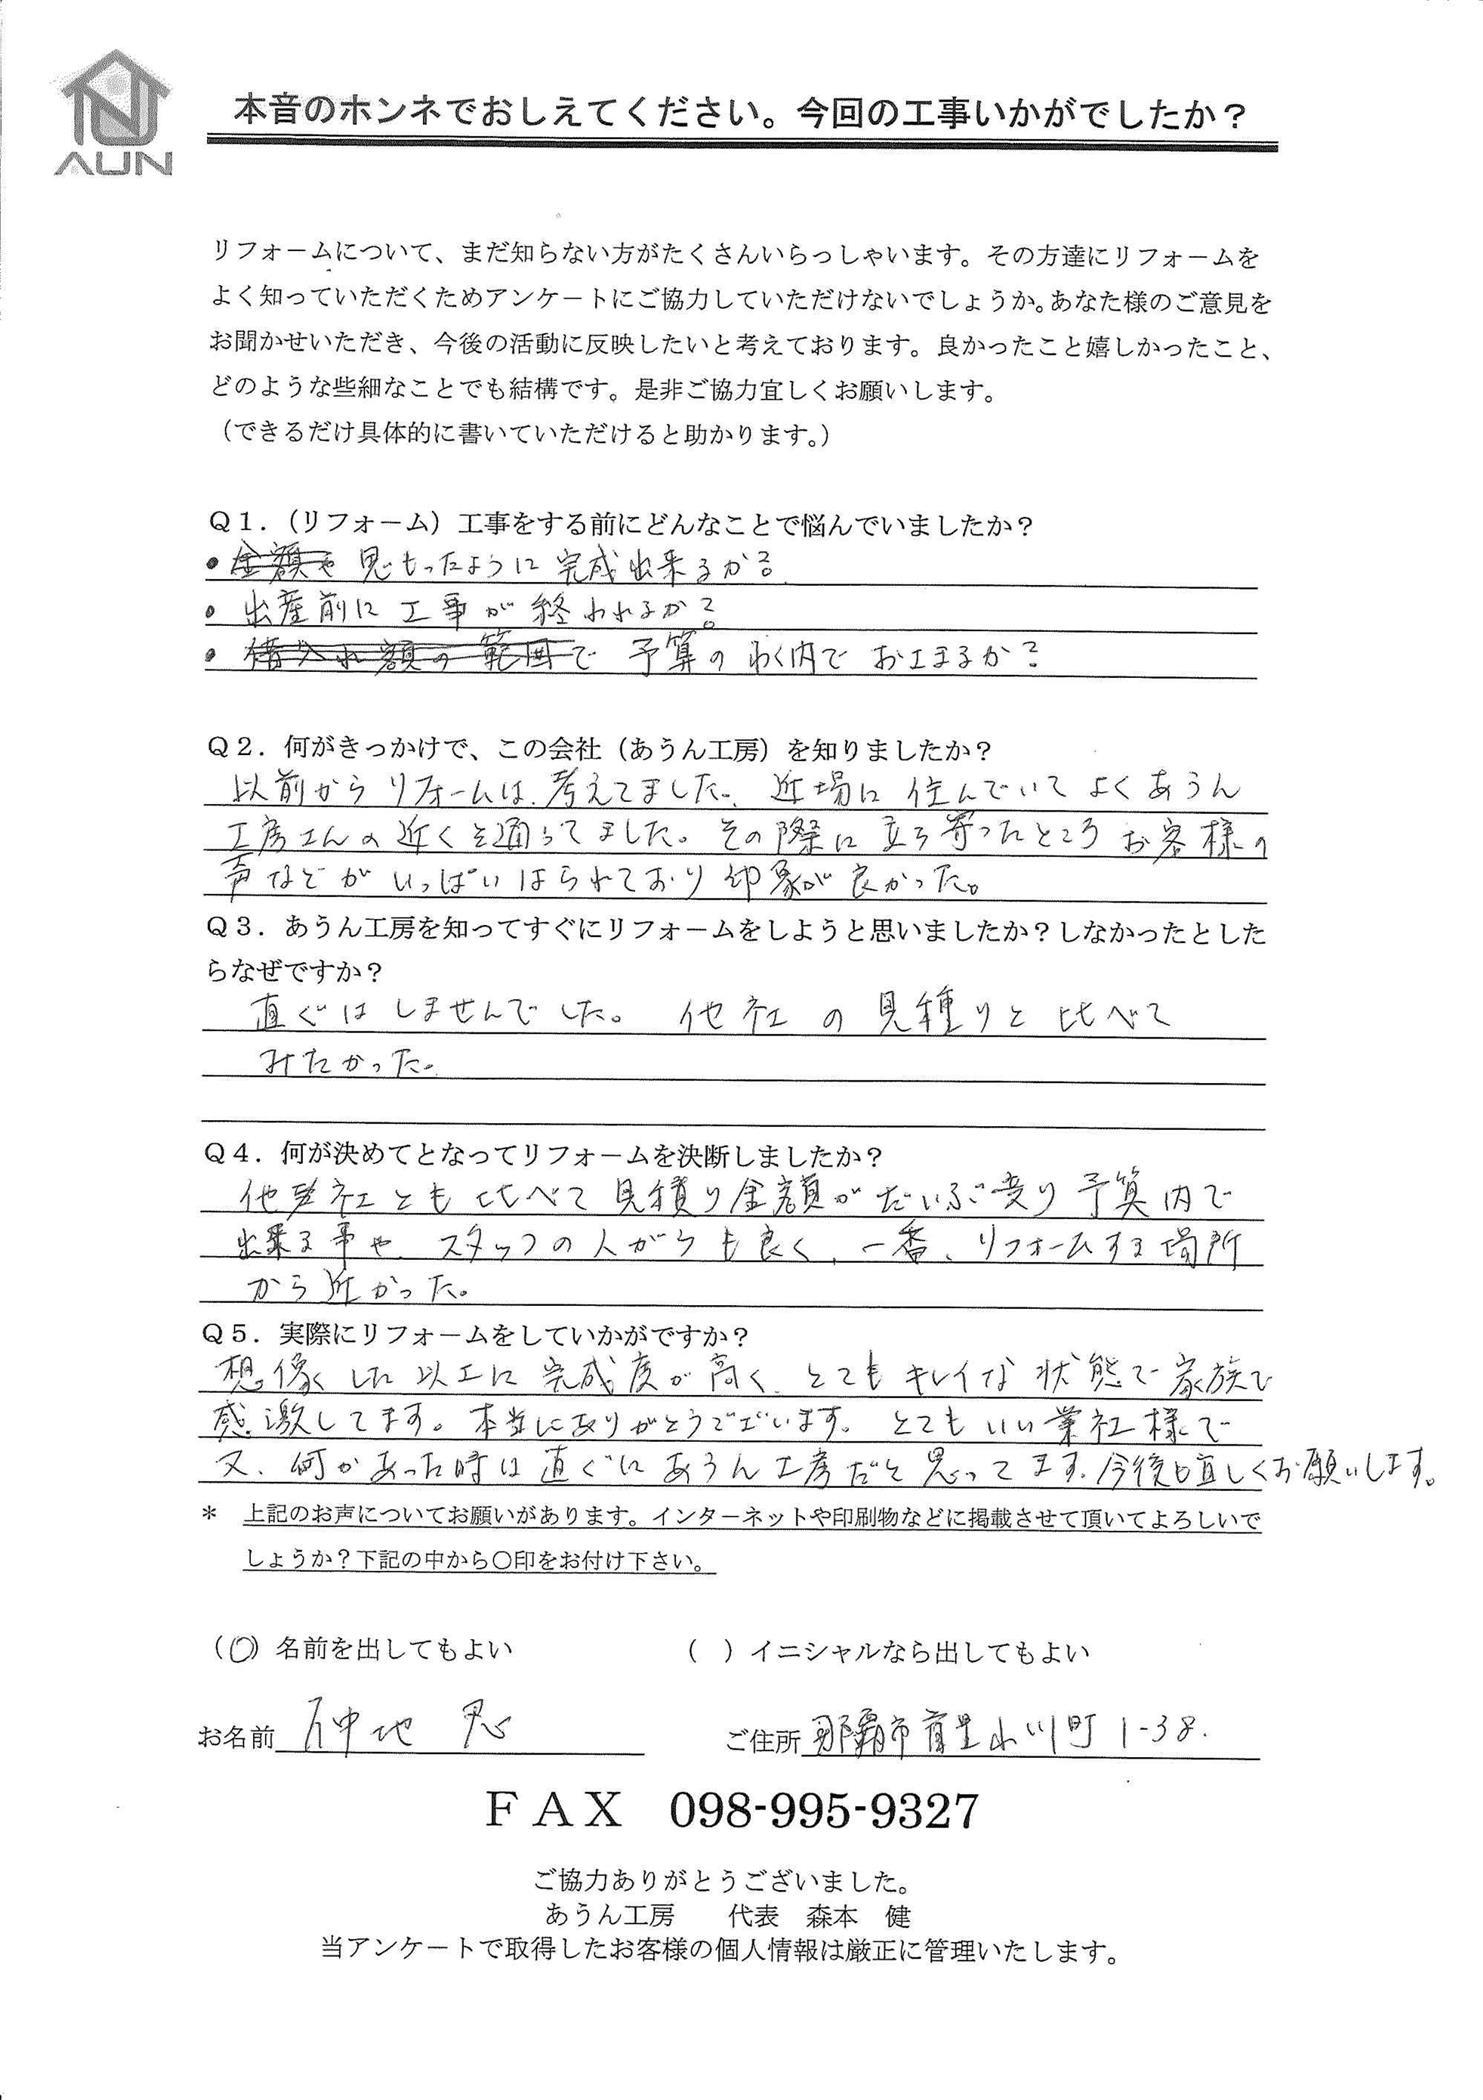 沖縄・那覇のリフォーム 実際のアンケートの画像:想像した以上の完成度